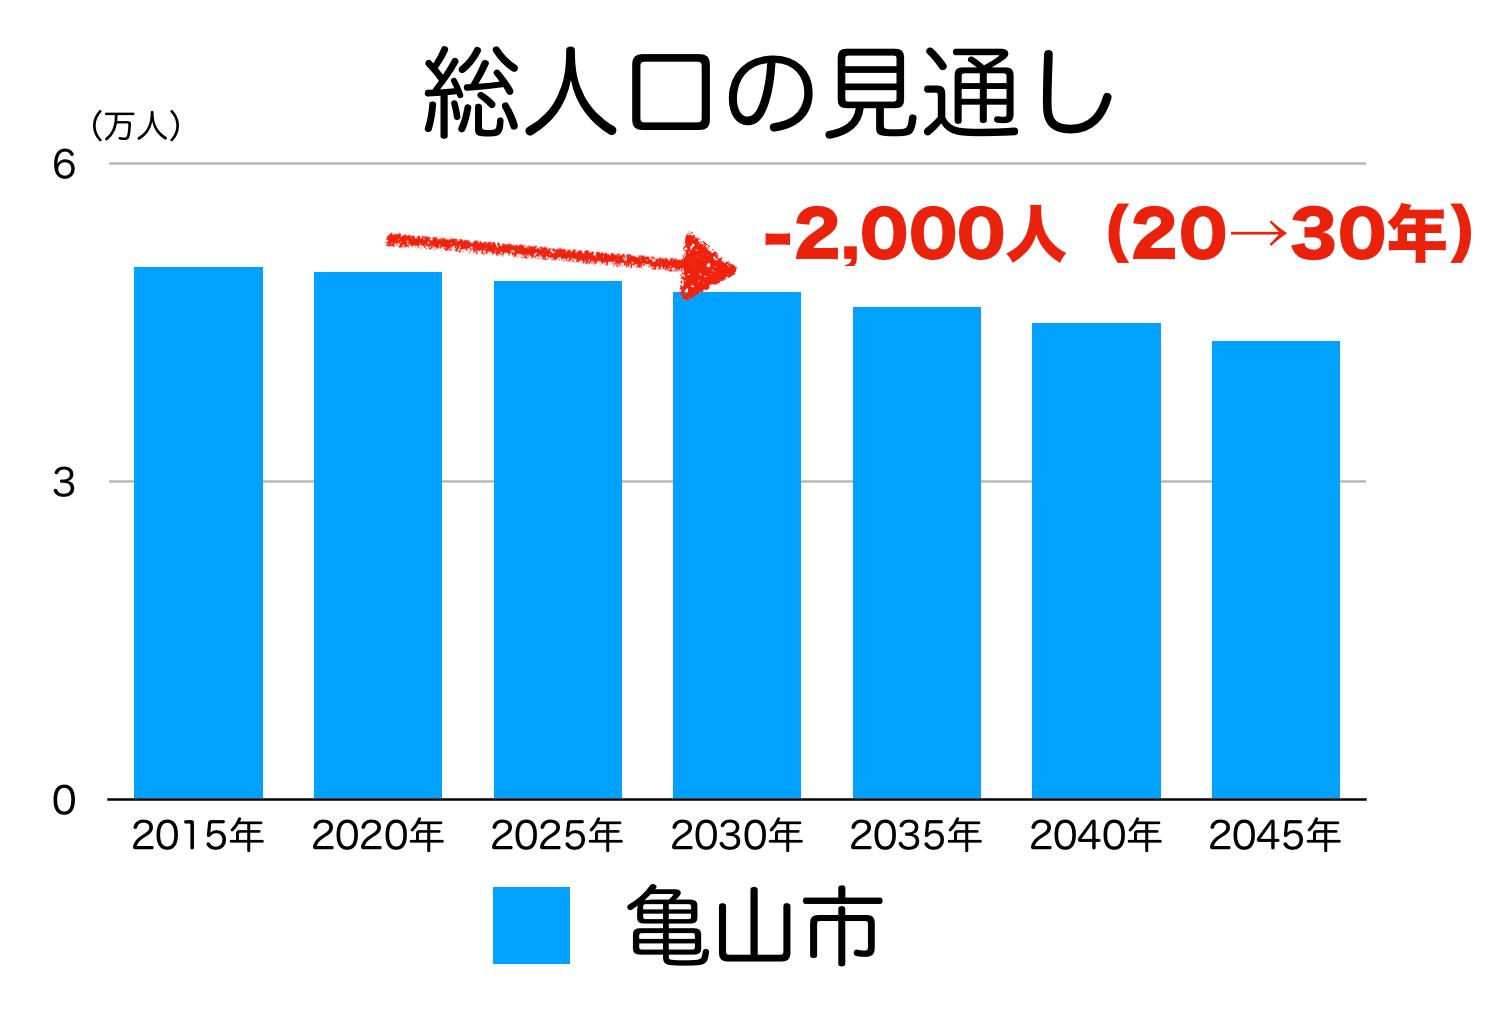 亀山市の人口予測